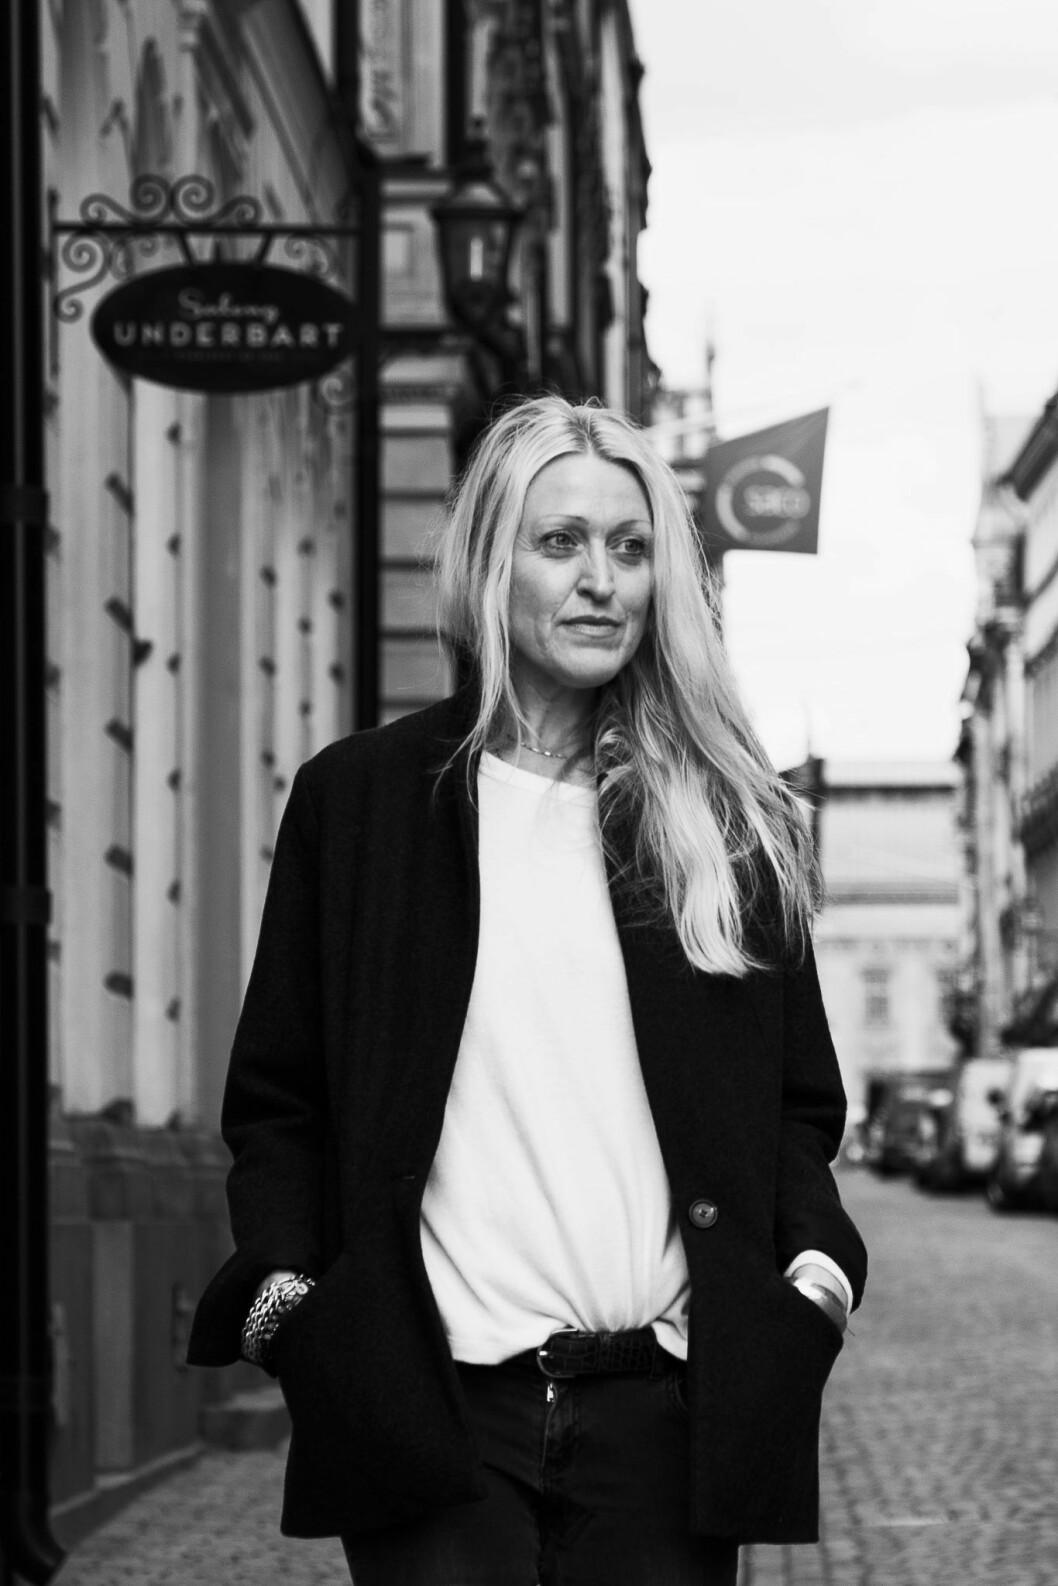 Charlotte Simonsbbacka